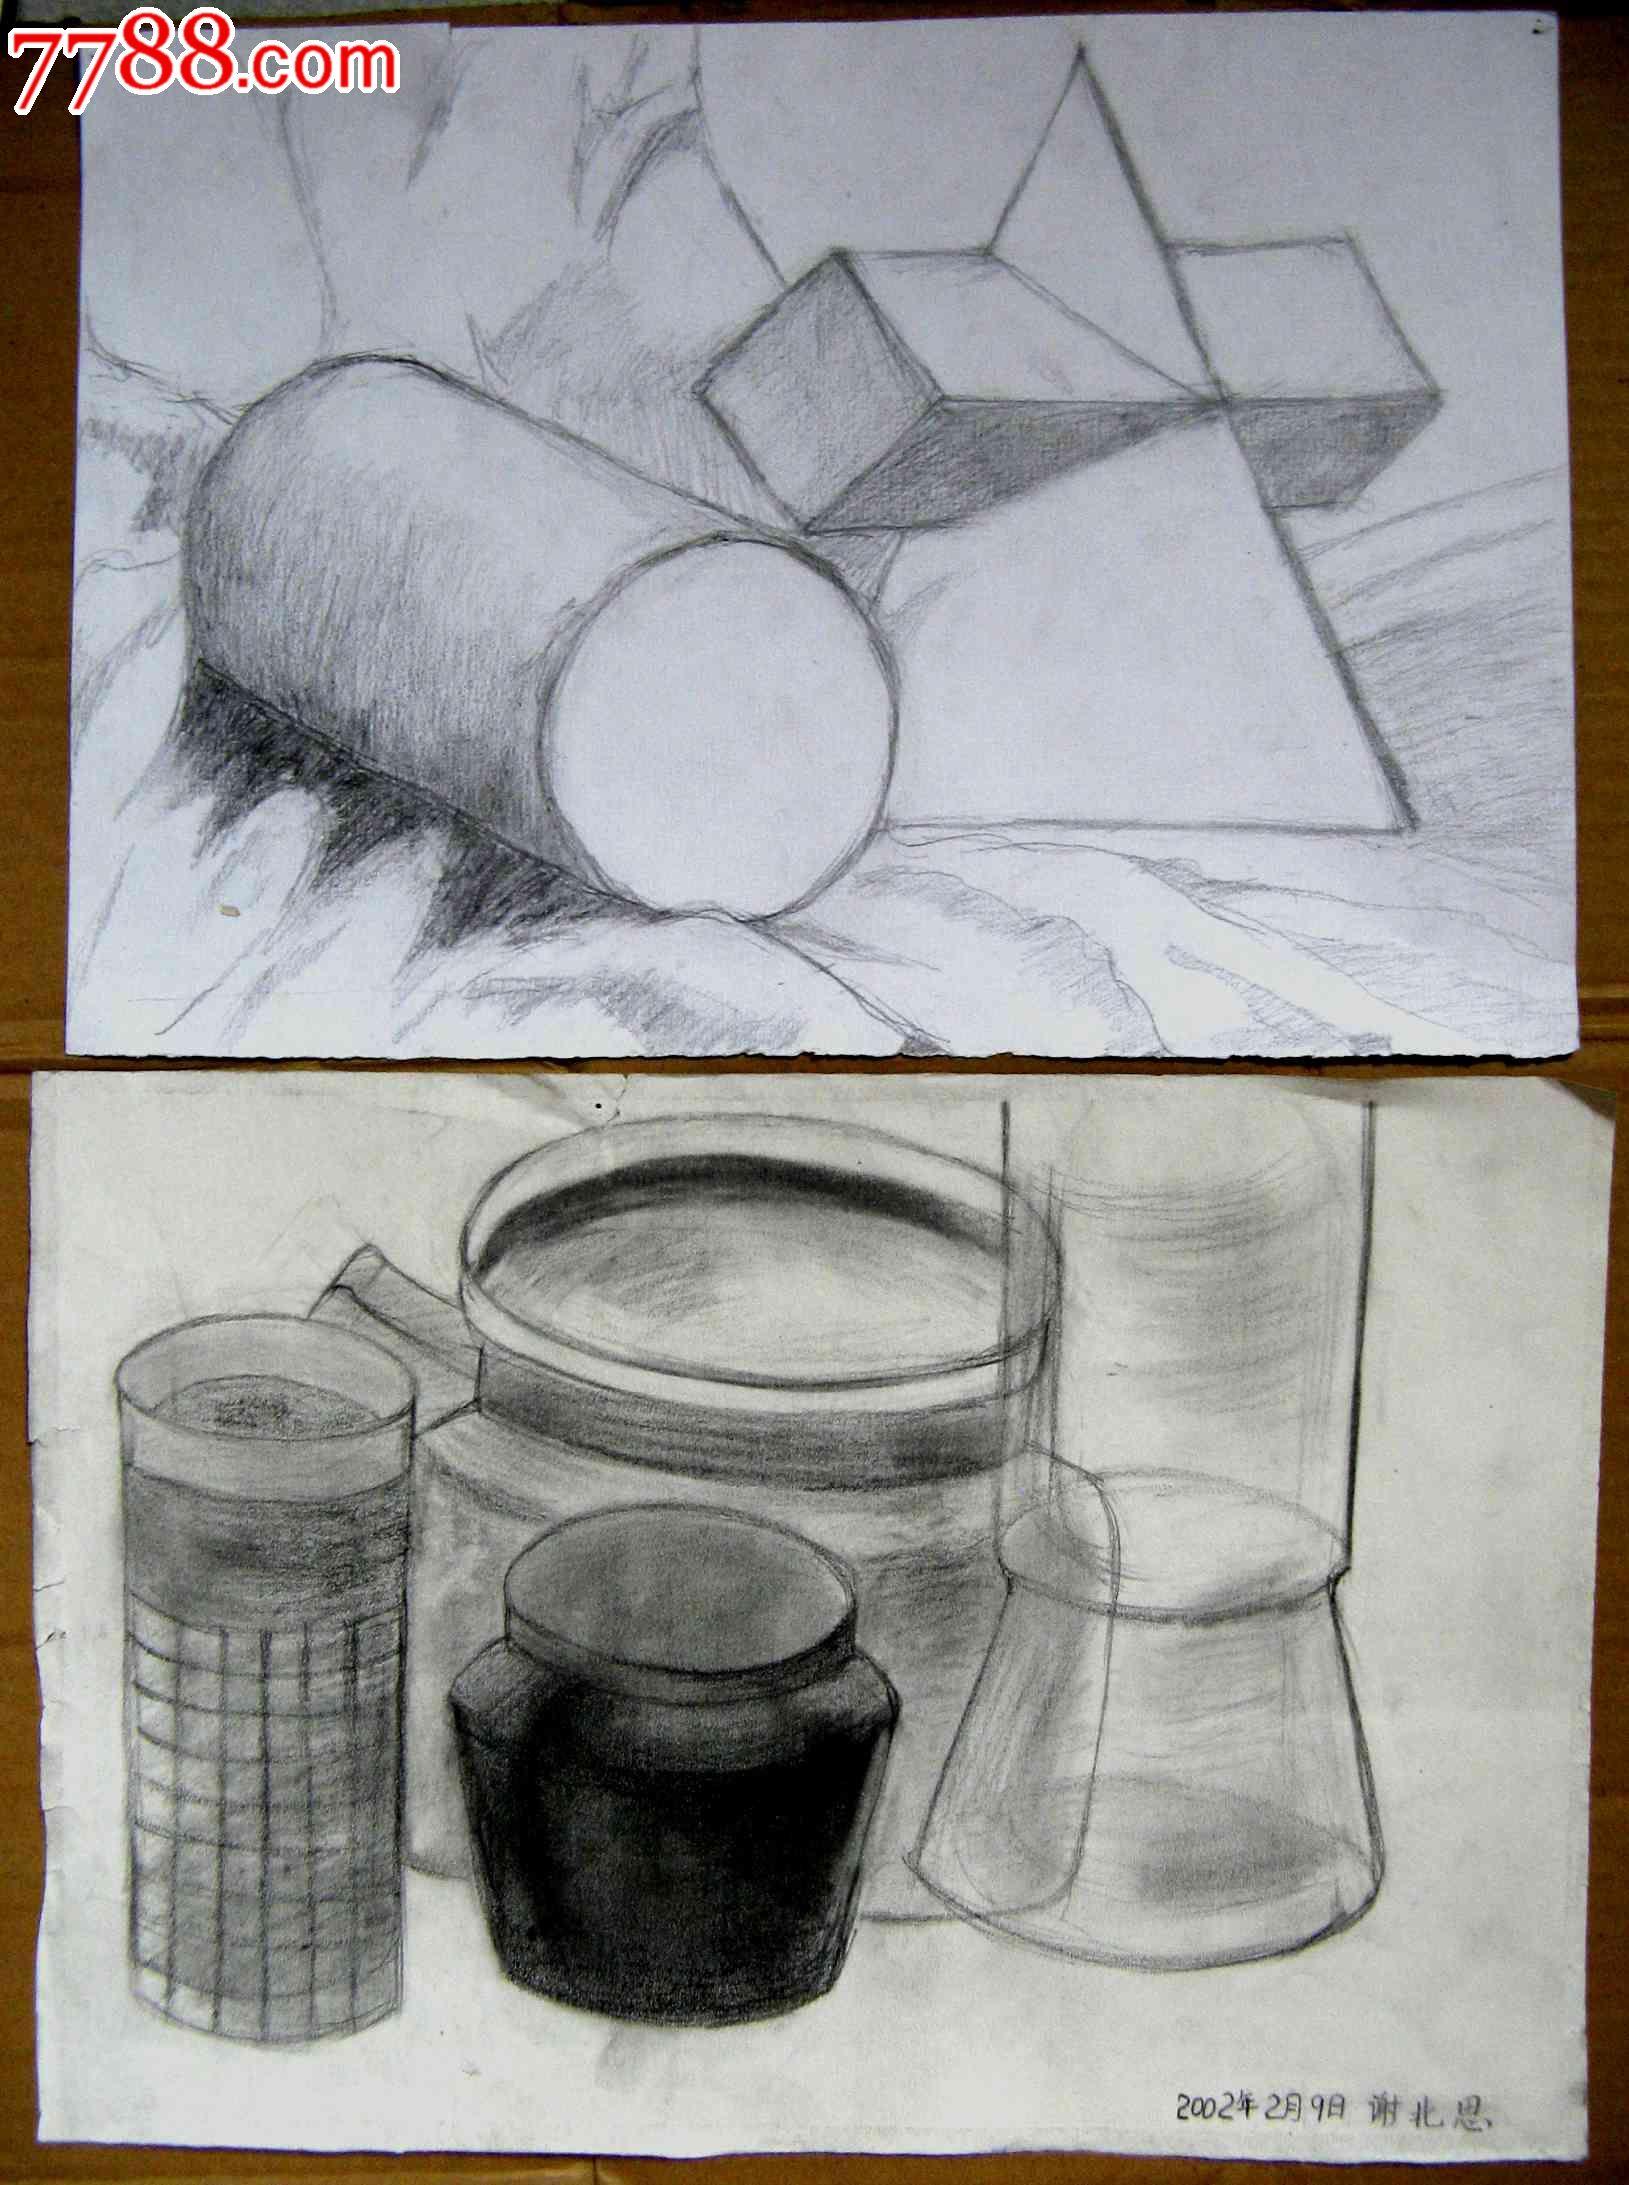 铅笔素描画2幅:静物几何图形